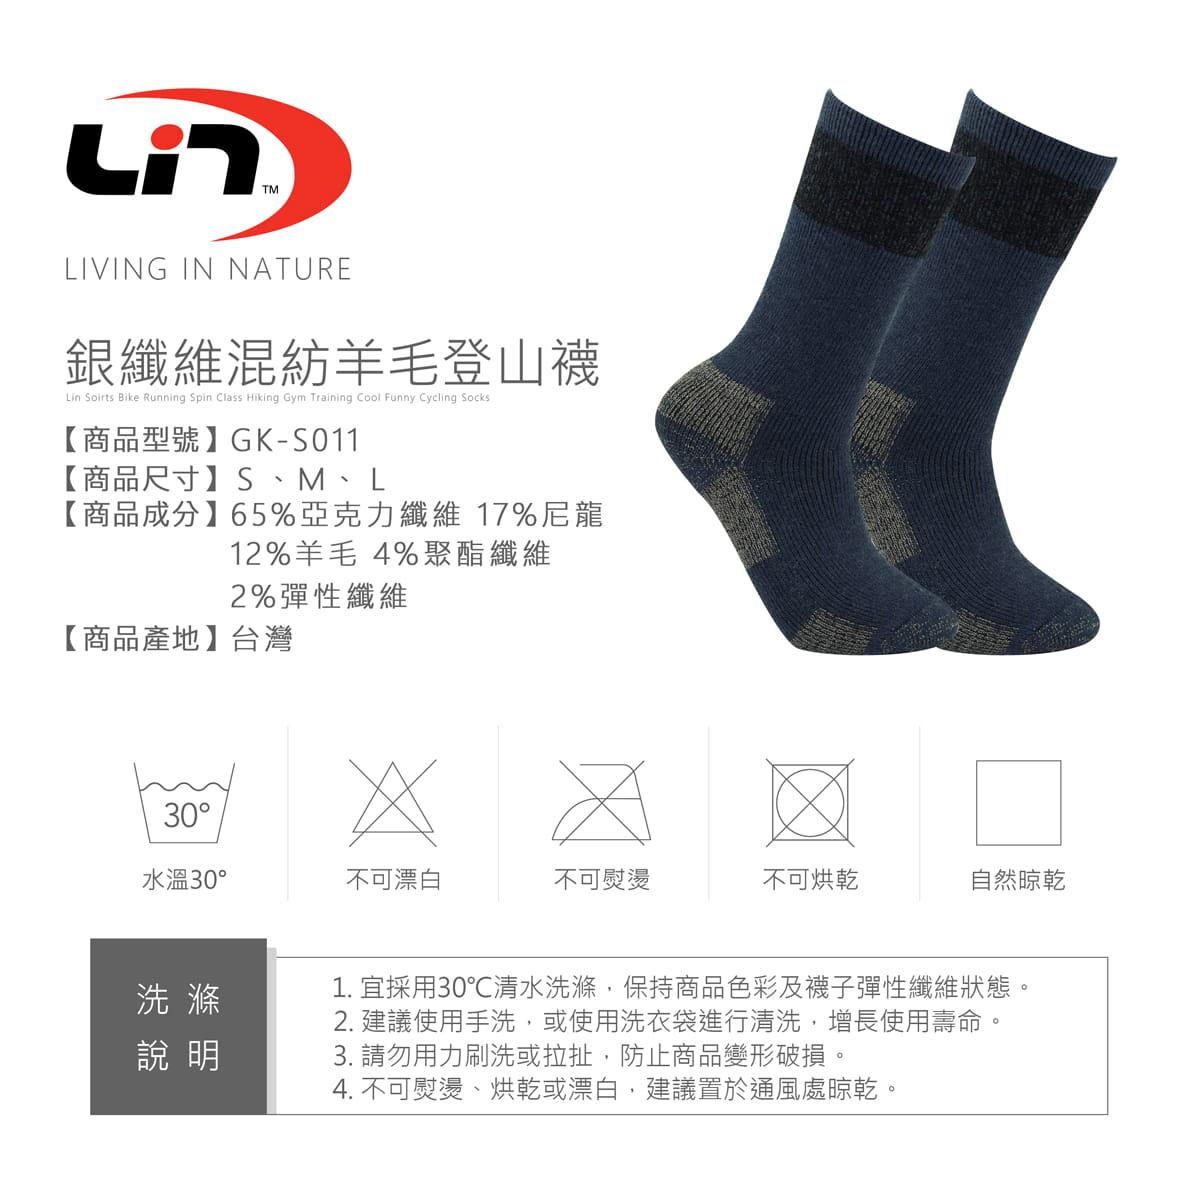 【Lin】戶外登山襪三雙組 2